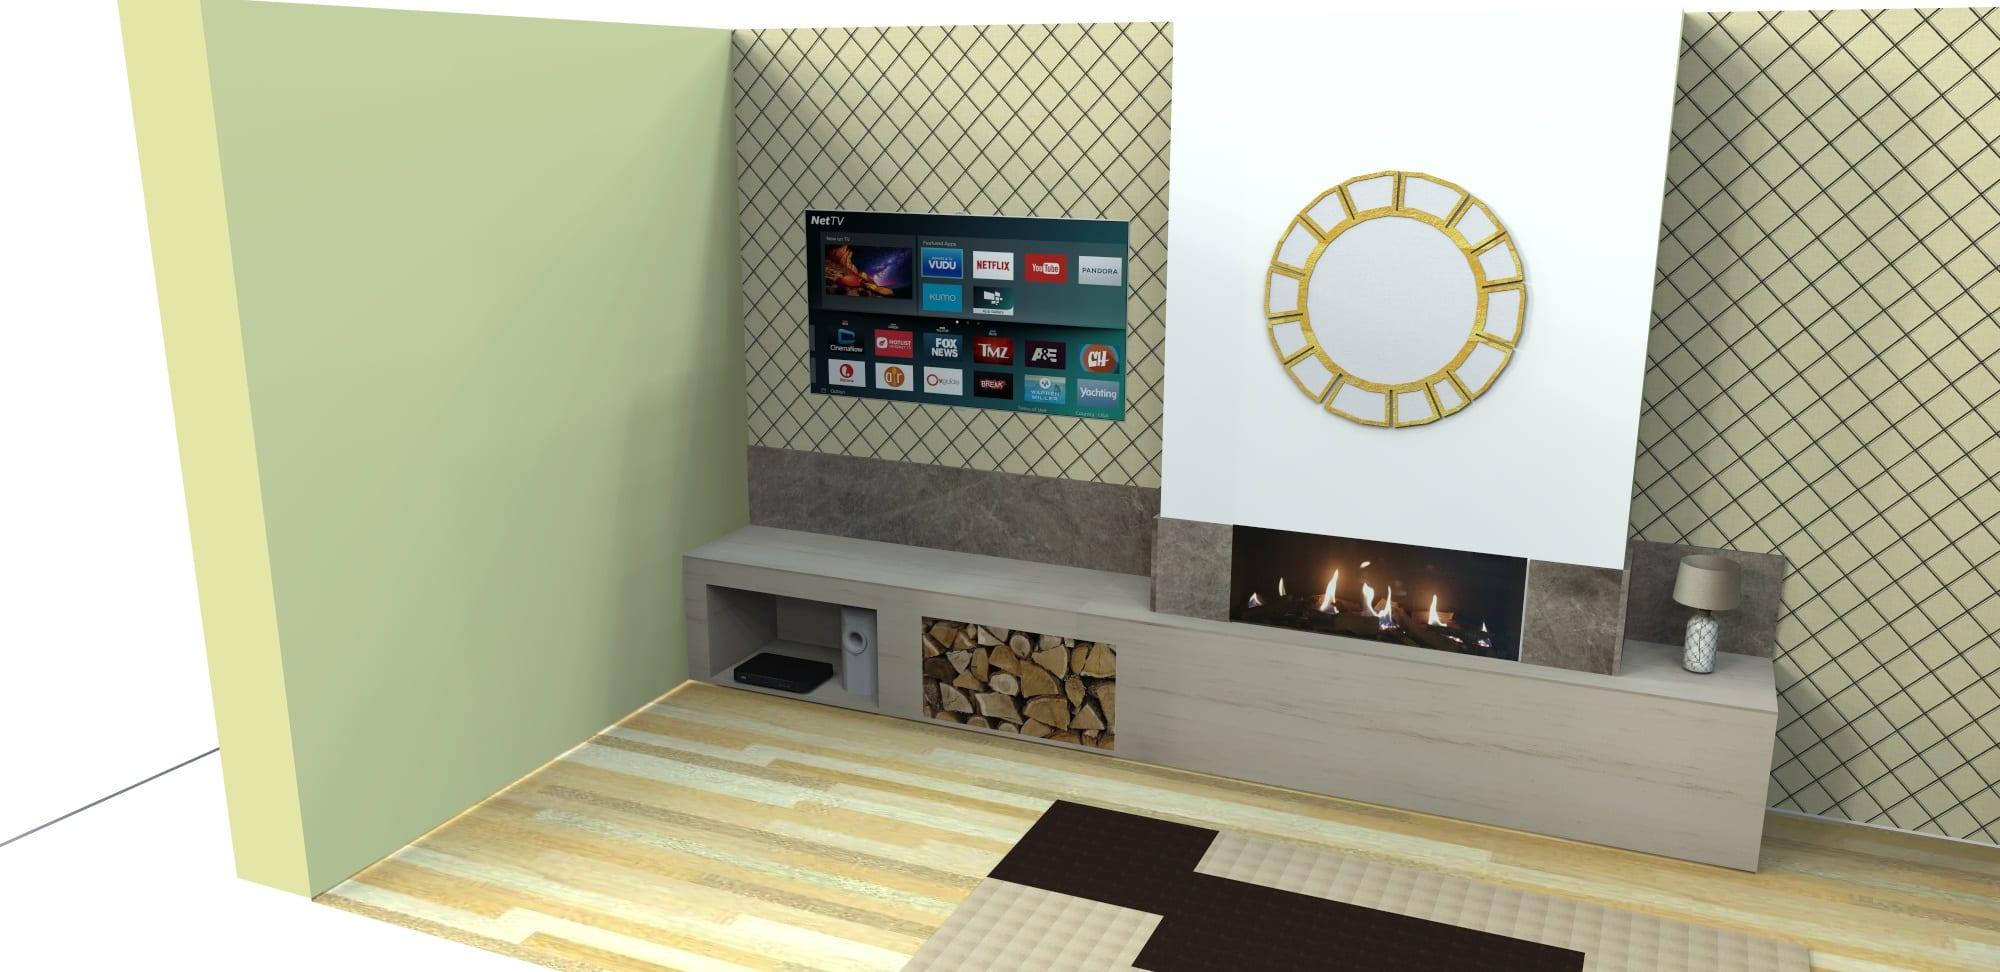 Fireplace Transformation Plan